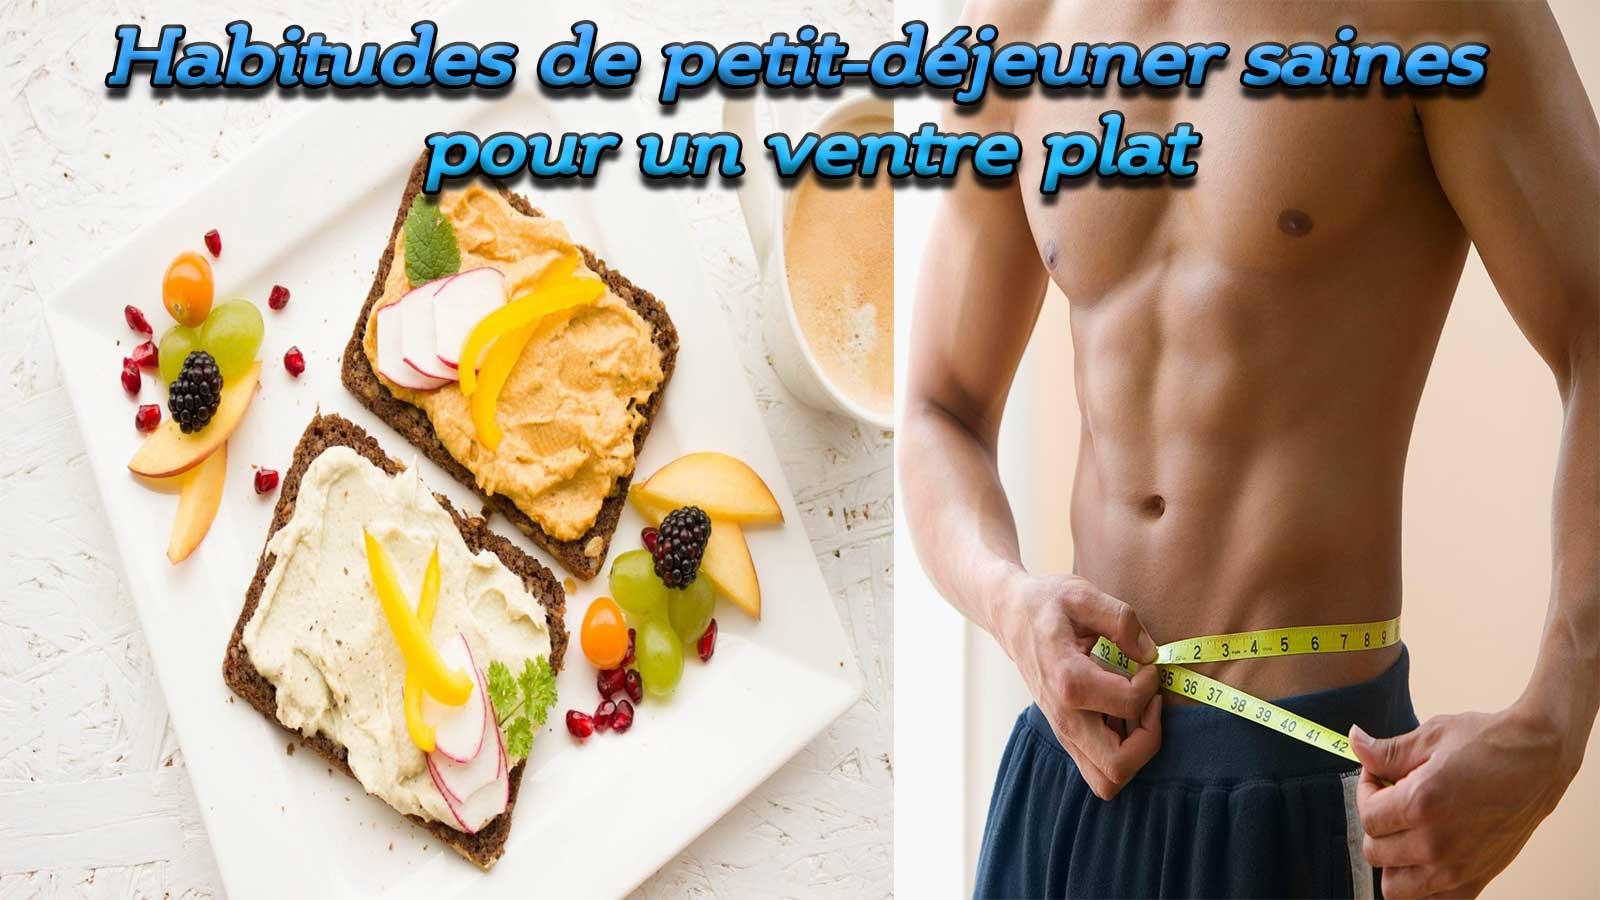 Habitudes de petit-déjeuner saines pour un ventre plat